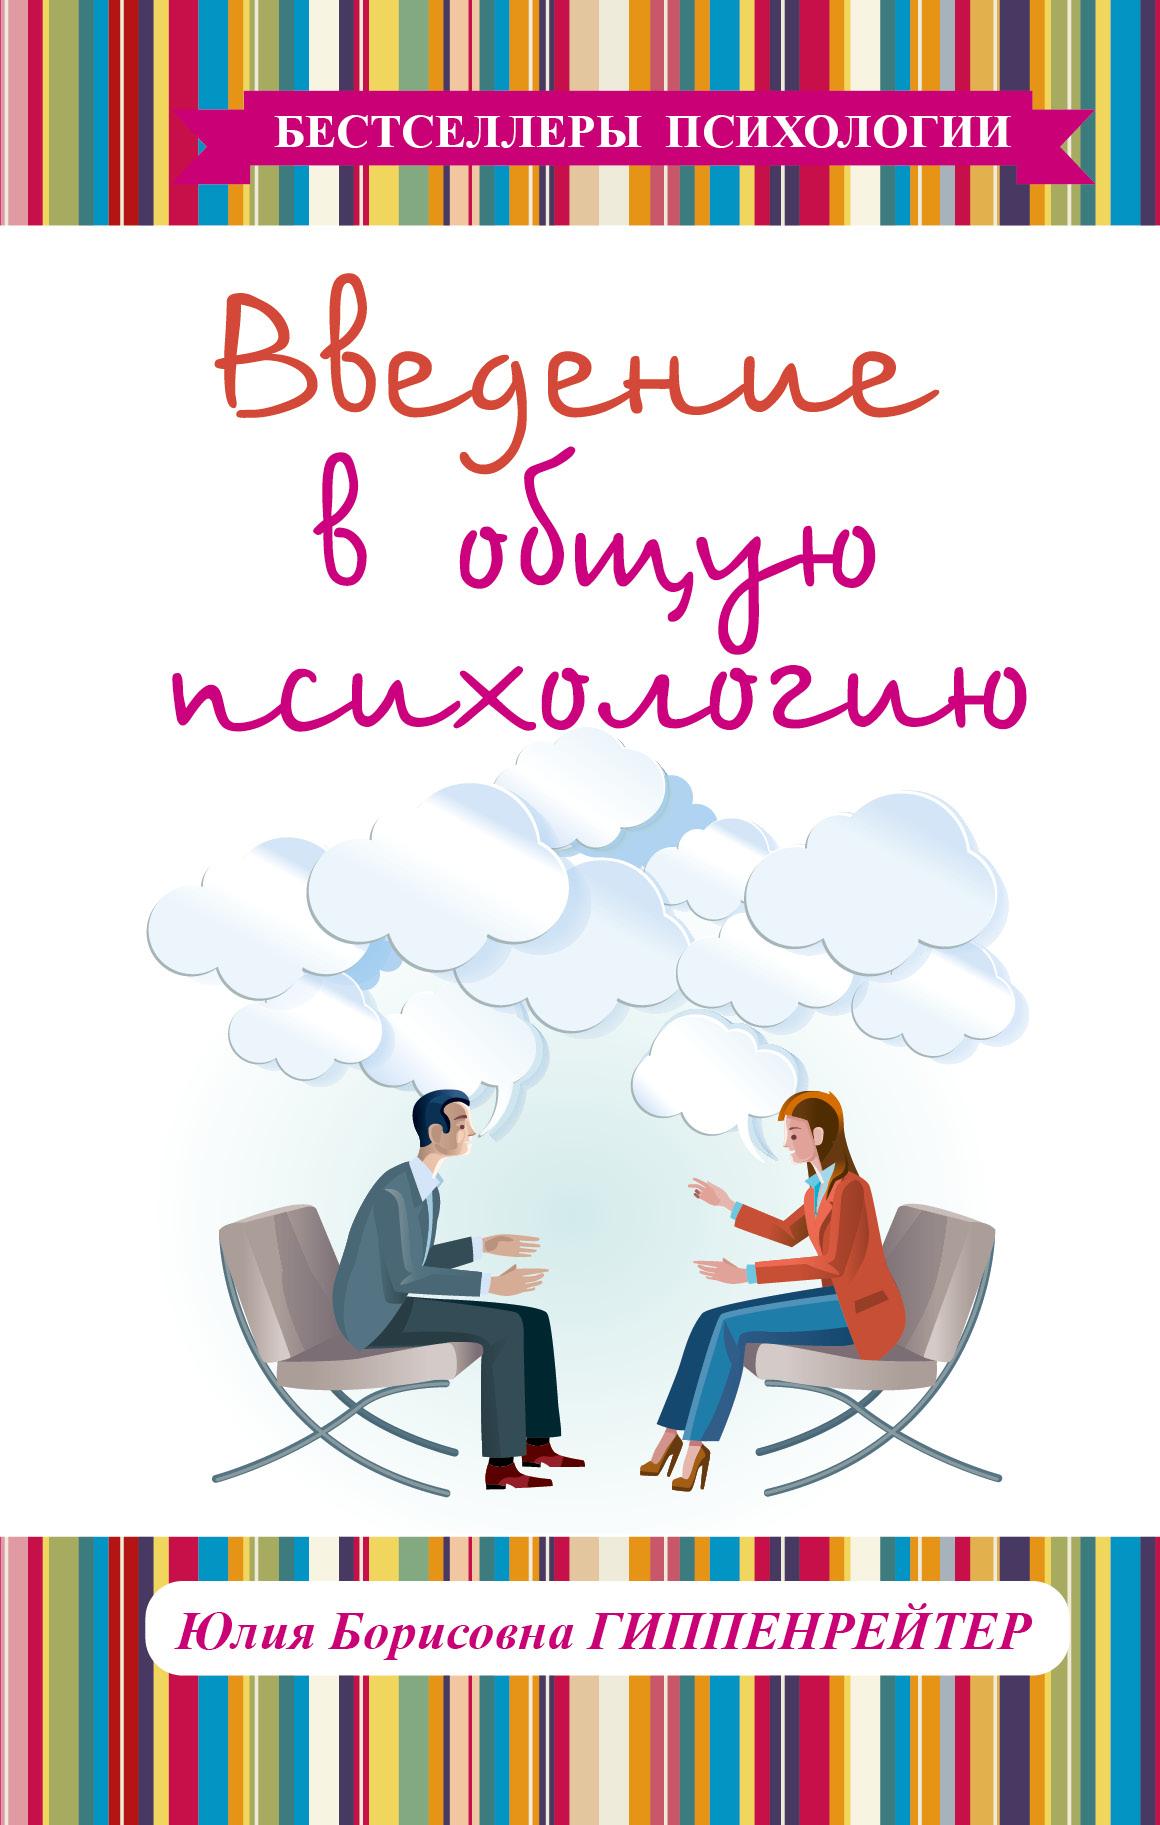 Гиппенрейтер юлия борисовна: введение в общую психологию